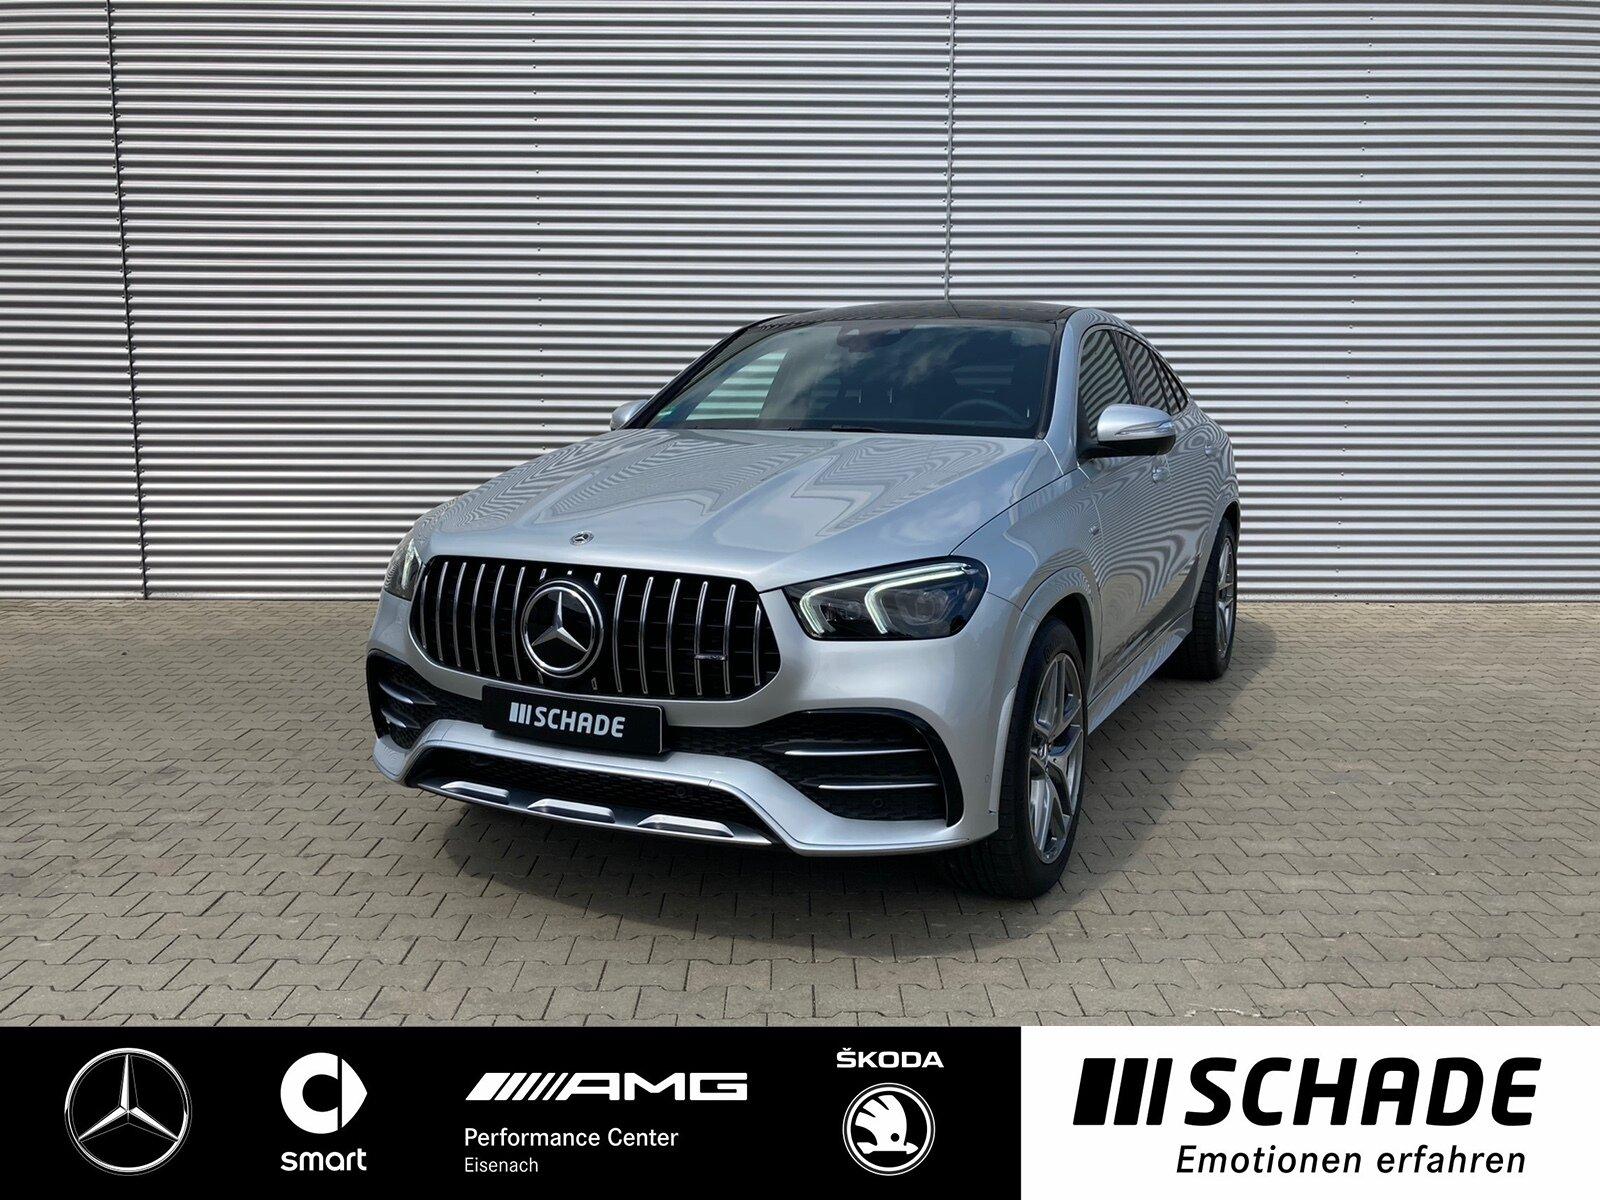 Mercedes-Benz GLE 53 AMG 4M+ AHK*Panoramad*Head-up*KEYLESS-GO*, Jahr 2021, Benzin